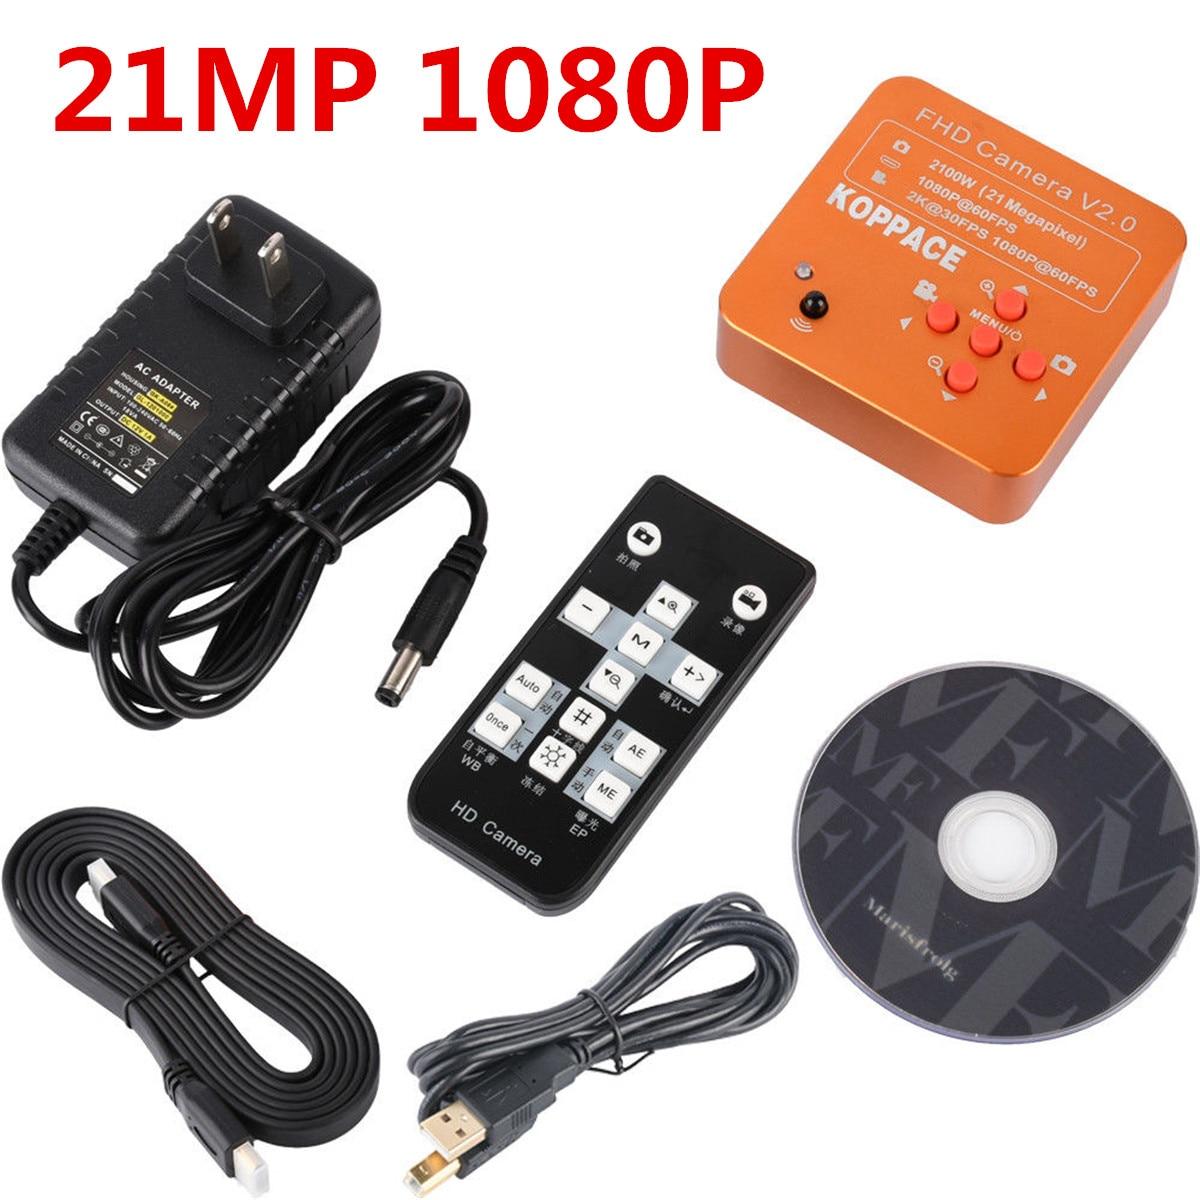 Наборы микроскопов HD 21MP 1080 P 60FPS HDMI FHD фото видео цифровой промышленный микроскоп камера Пульт дистанционного управления